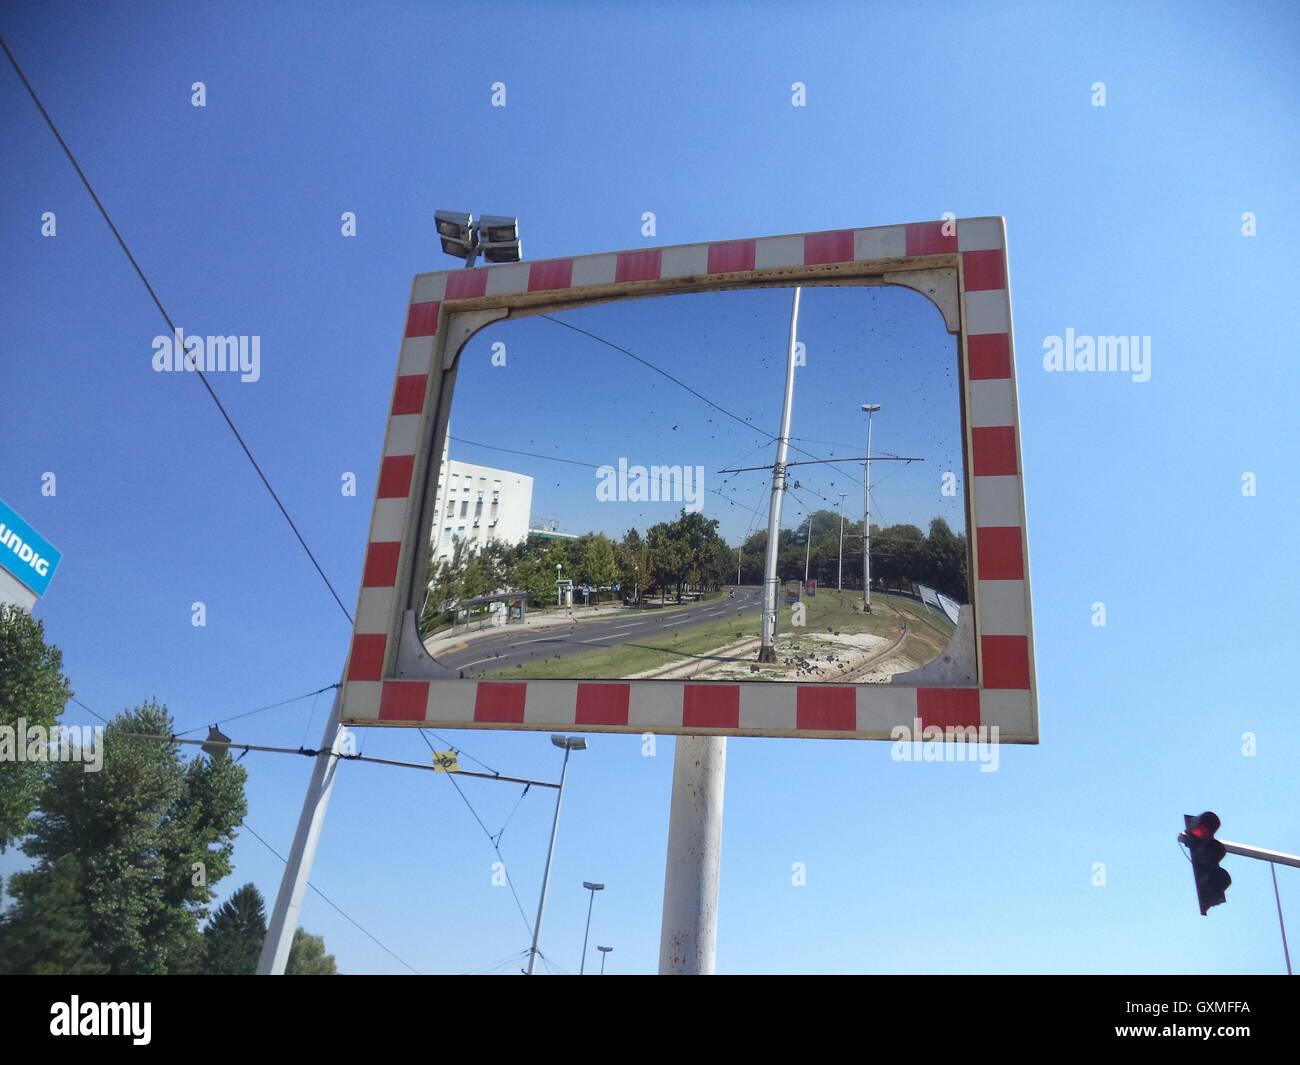 Espejo en una encrucijada, tráfico, fondos, texturas , espacio para escribir mensajes, imagen borrosa Imagen De Stock